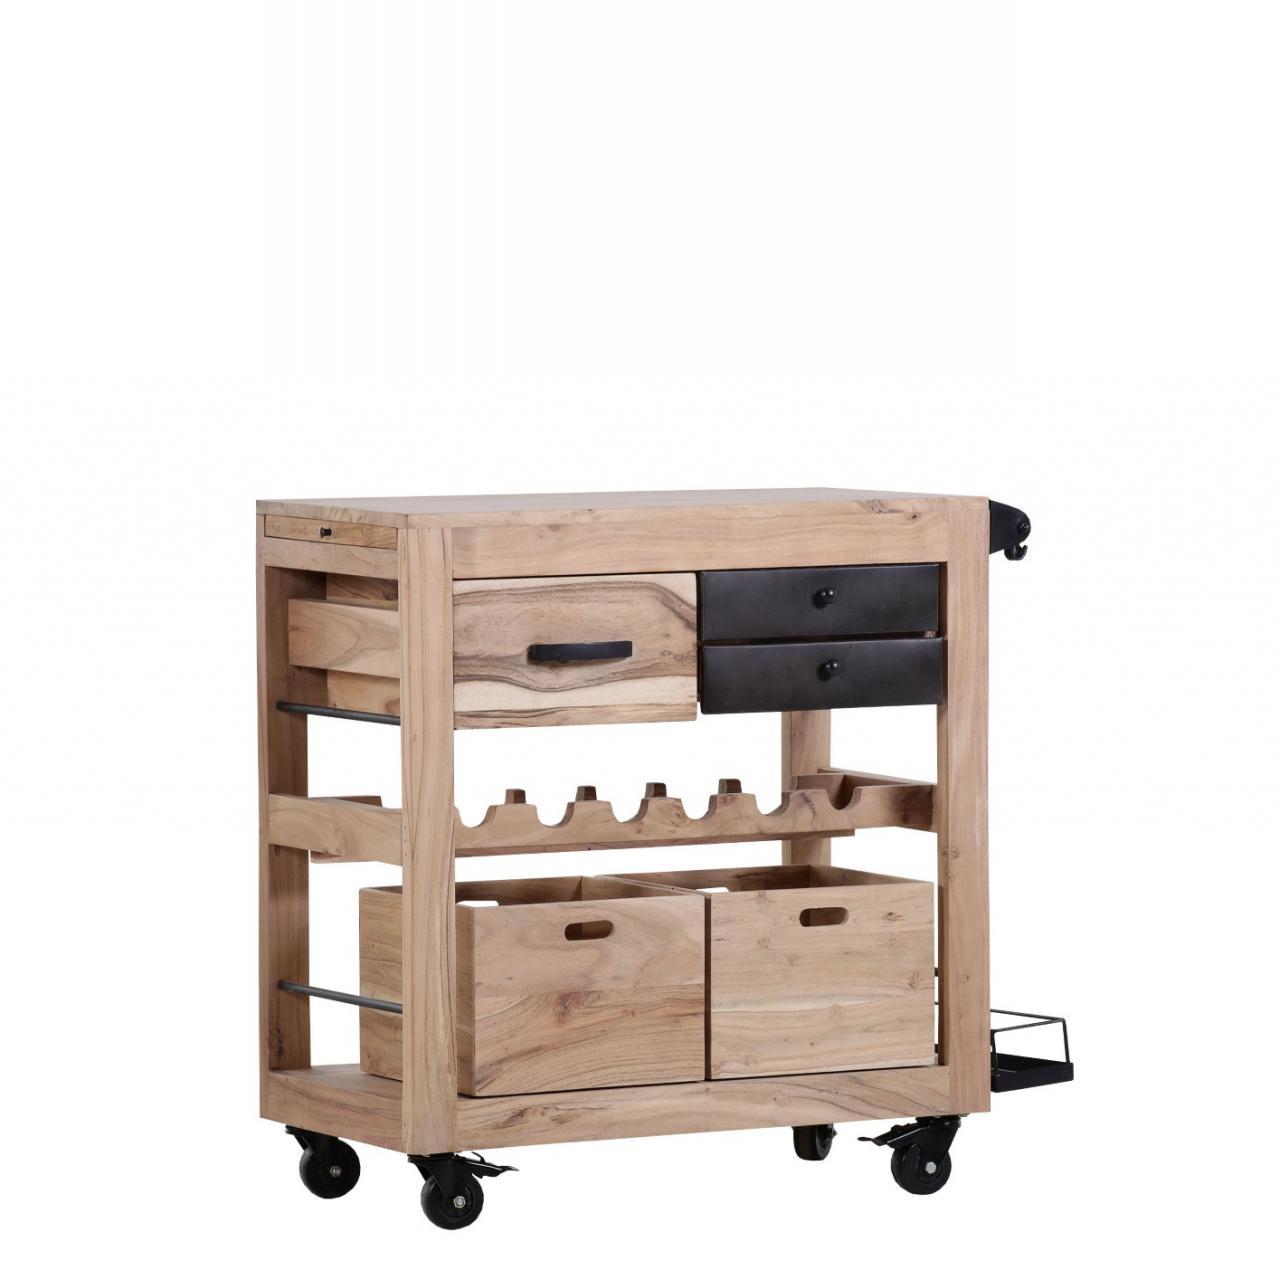 k chenwagen butch 2 beim bel wohnen m bel j hnichen. Black Bedroom Furniture Sets. Home Design Ideas